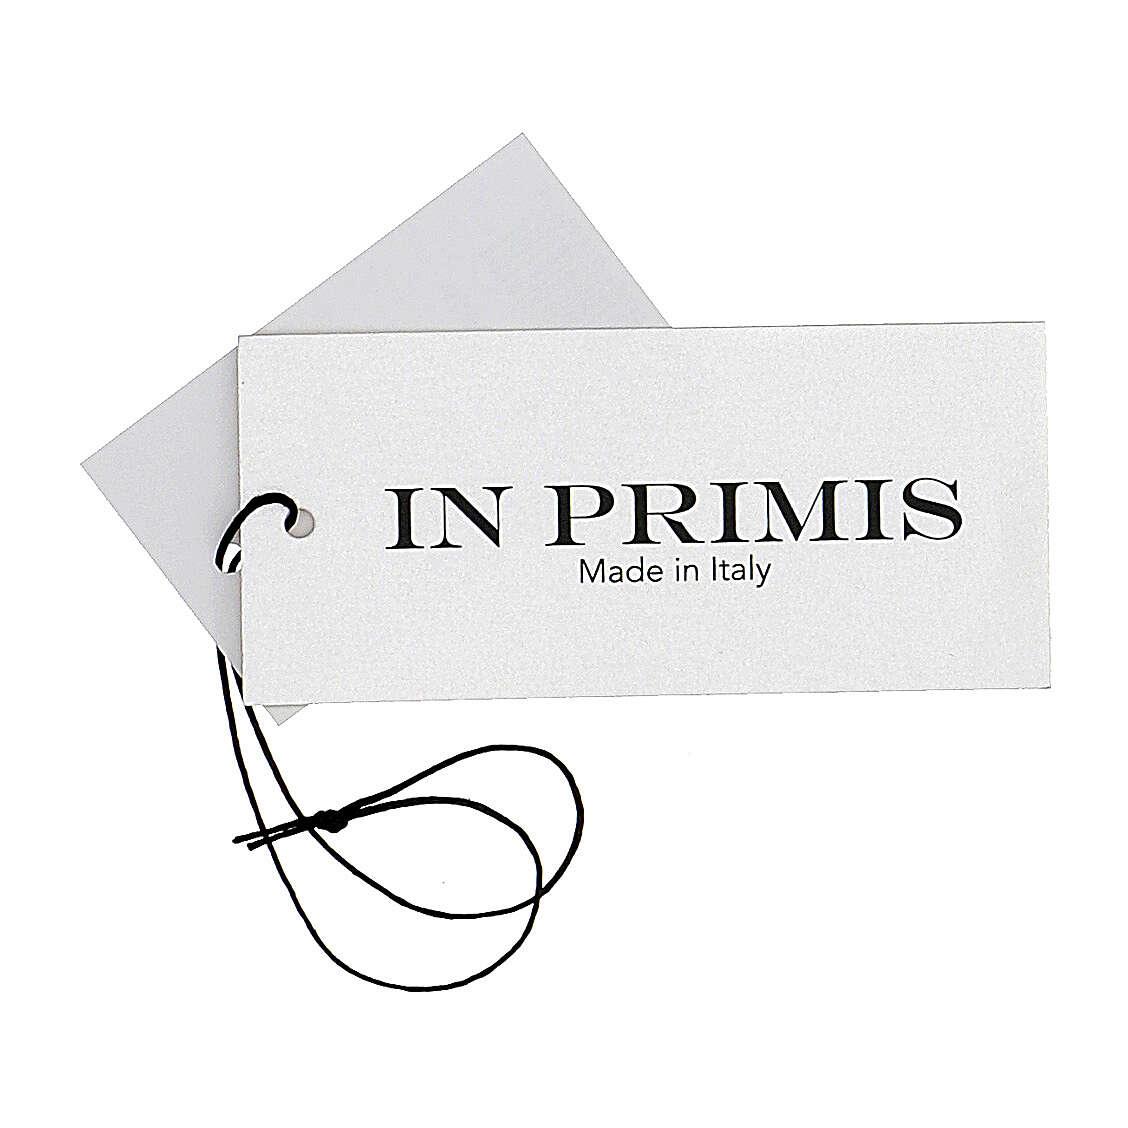 Chaleco sacerdote abierto 50% lana merina 50% acrílico punto al derecho gris antracita In Primis 4